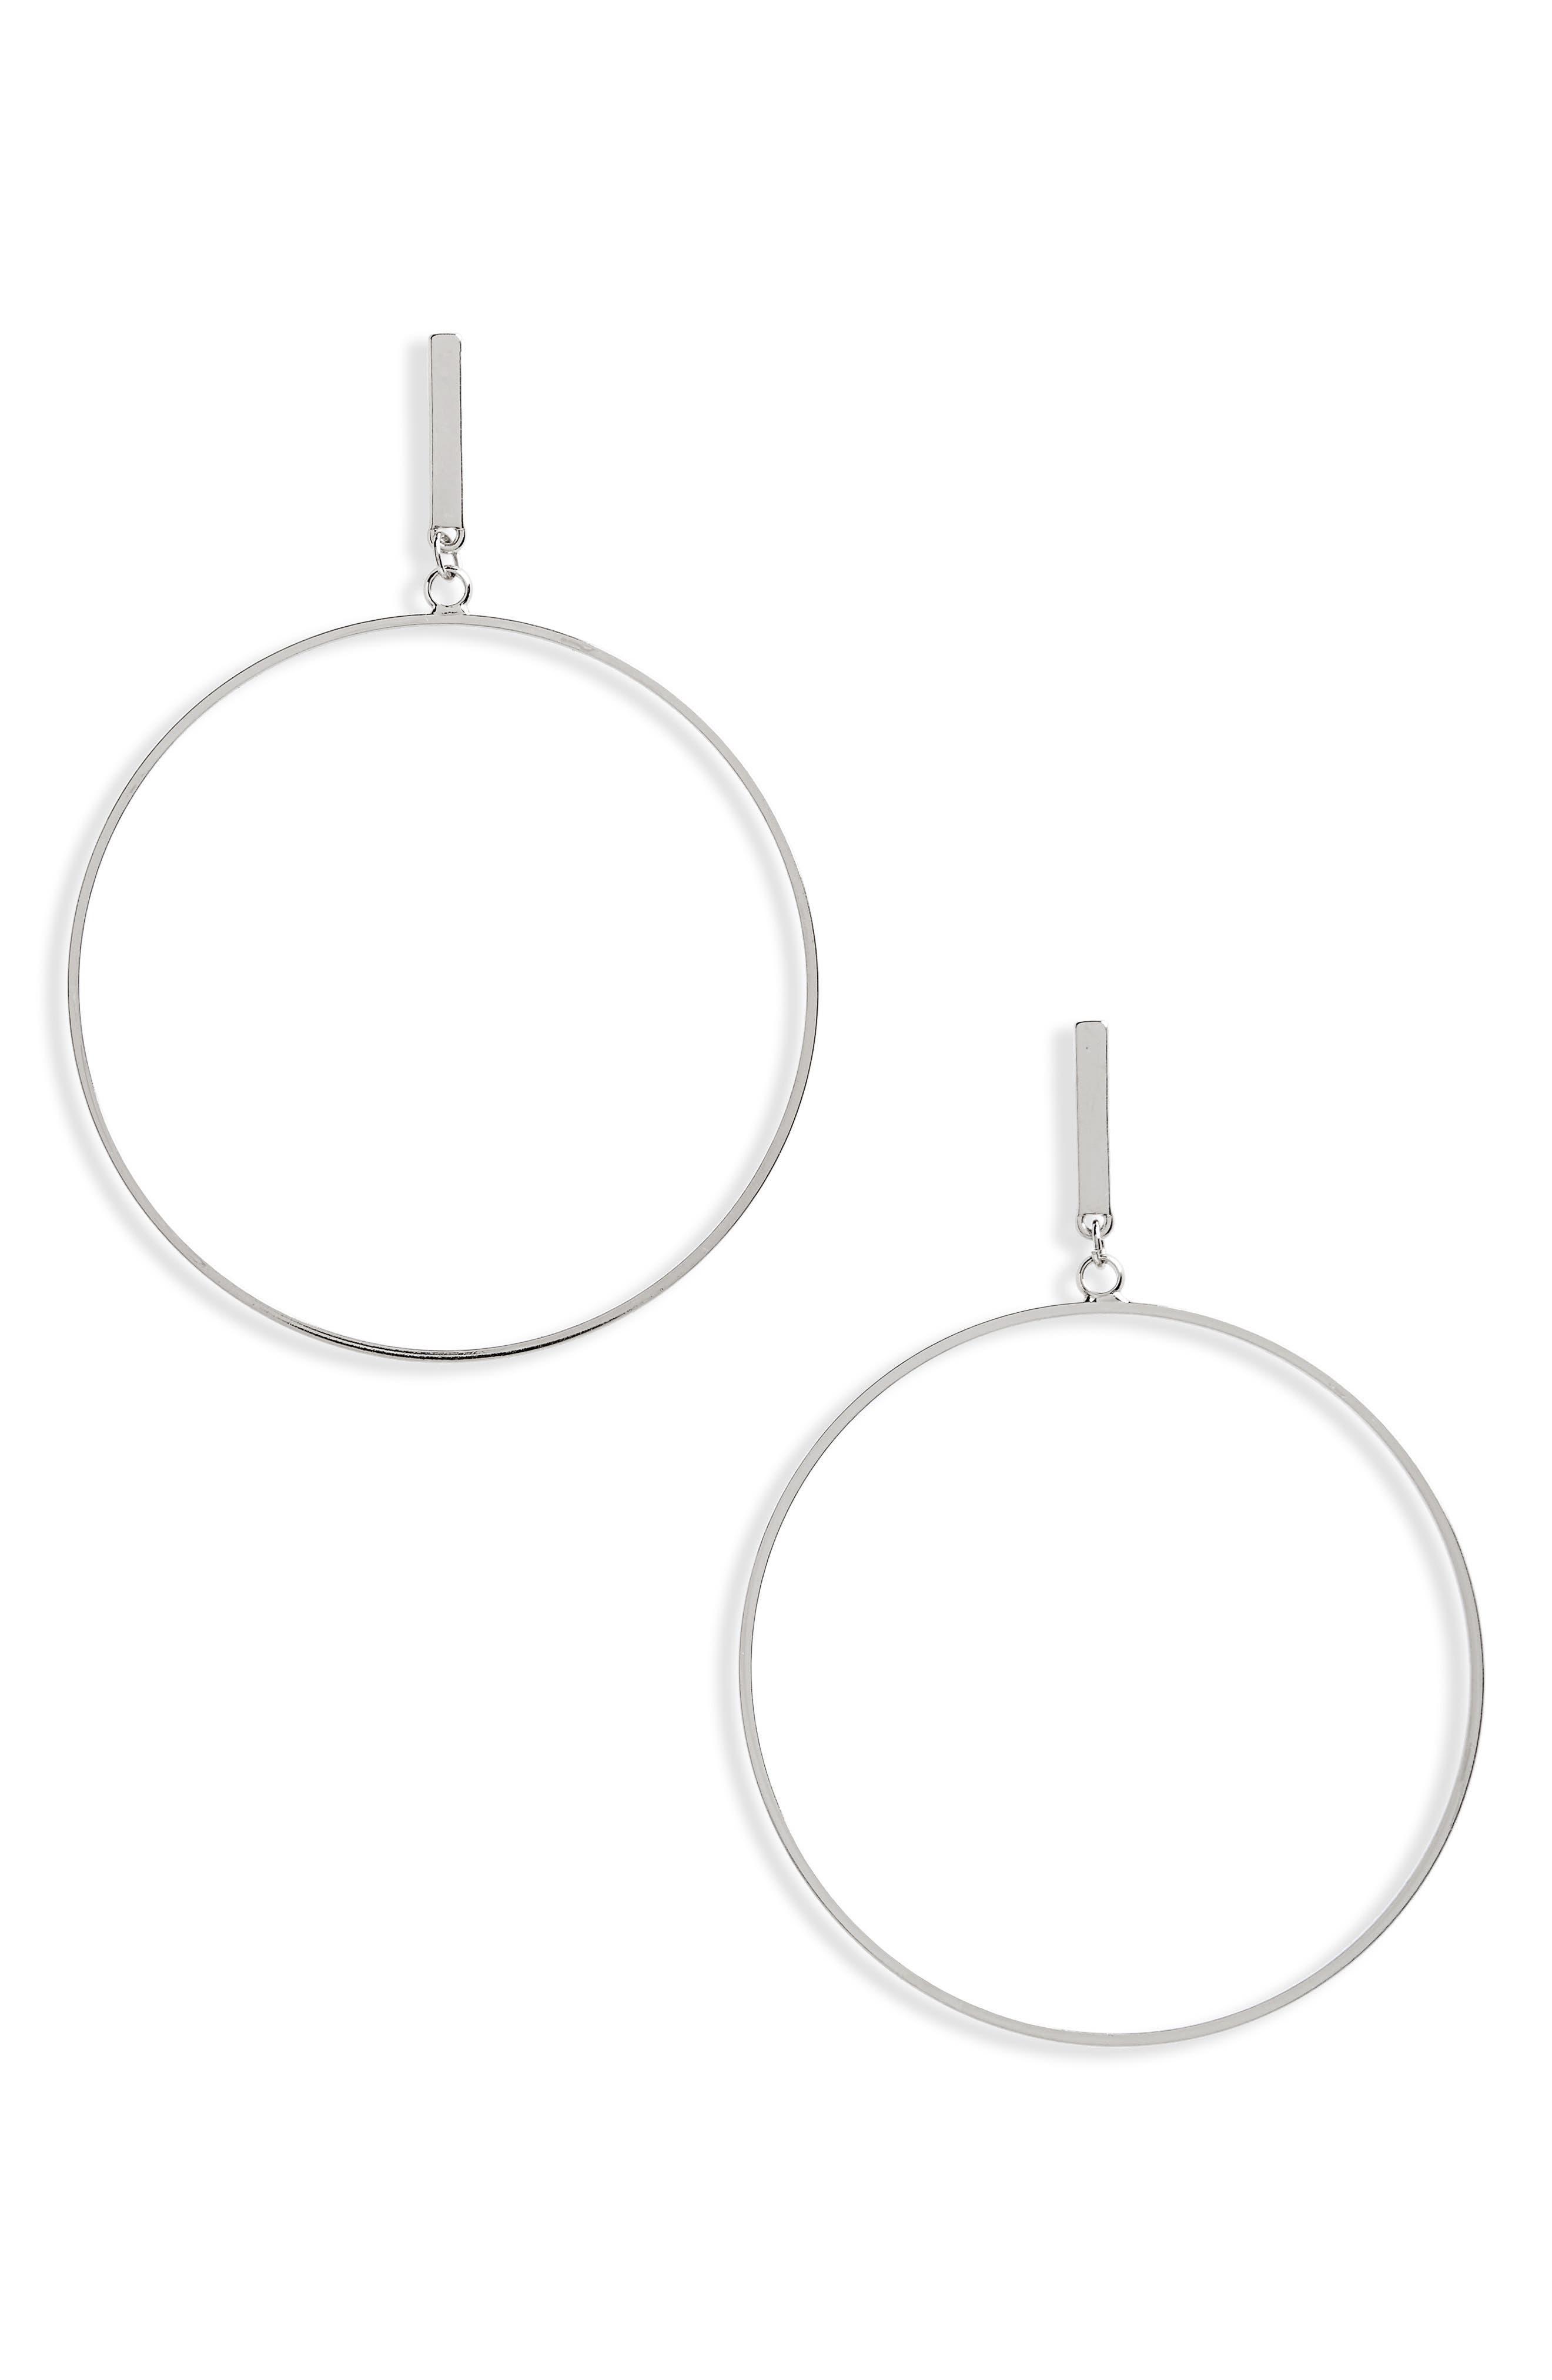 Large Post Hoop Earrings,                         Main,                         color, Silver